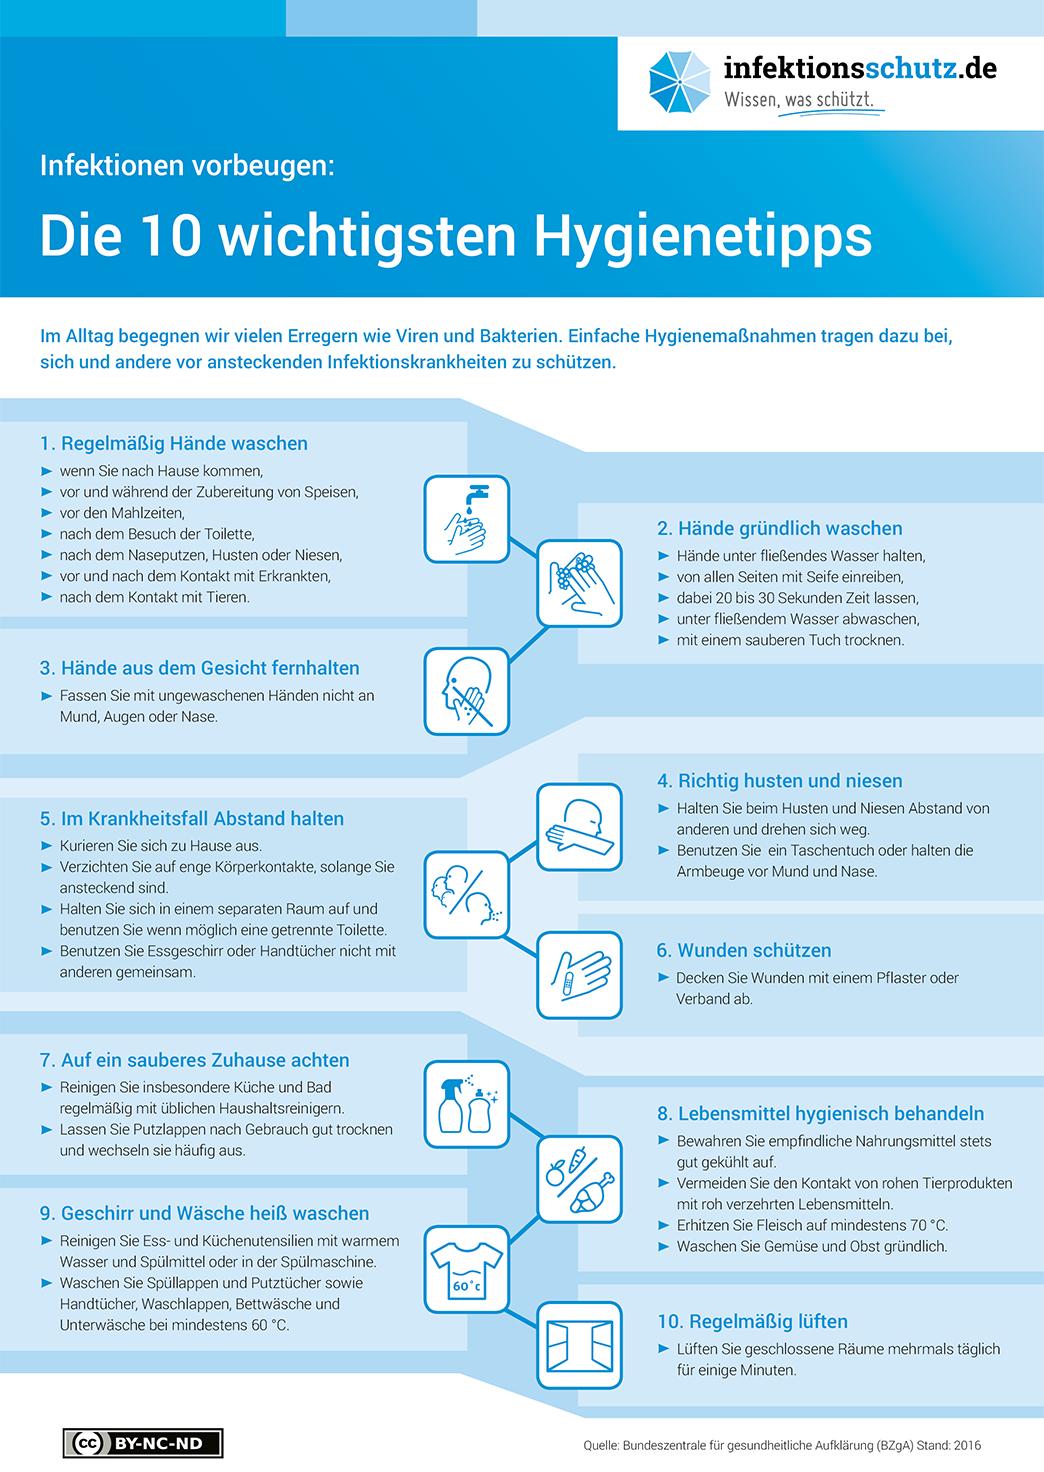 Hygienetipps, Quelle: Bundeszentrale für gesundheitliche Aufklärung (BZgA), infektionsschutz.de, http://www.infektionsschutz.de/mediathek/infografiken.html, CC BY-NC-ND